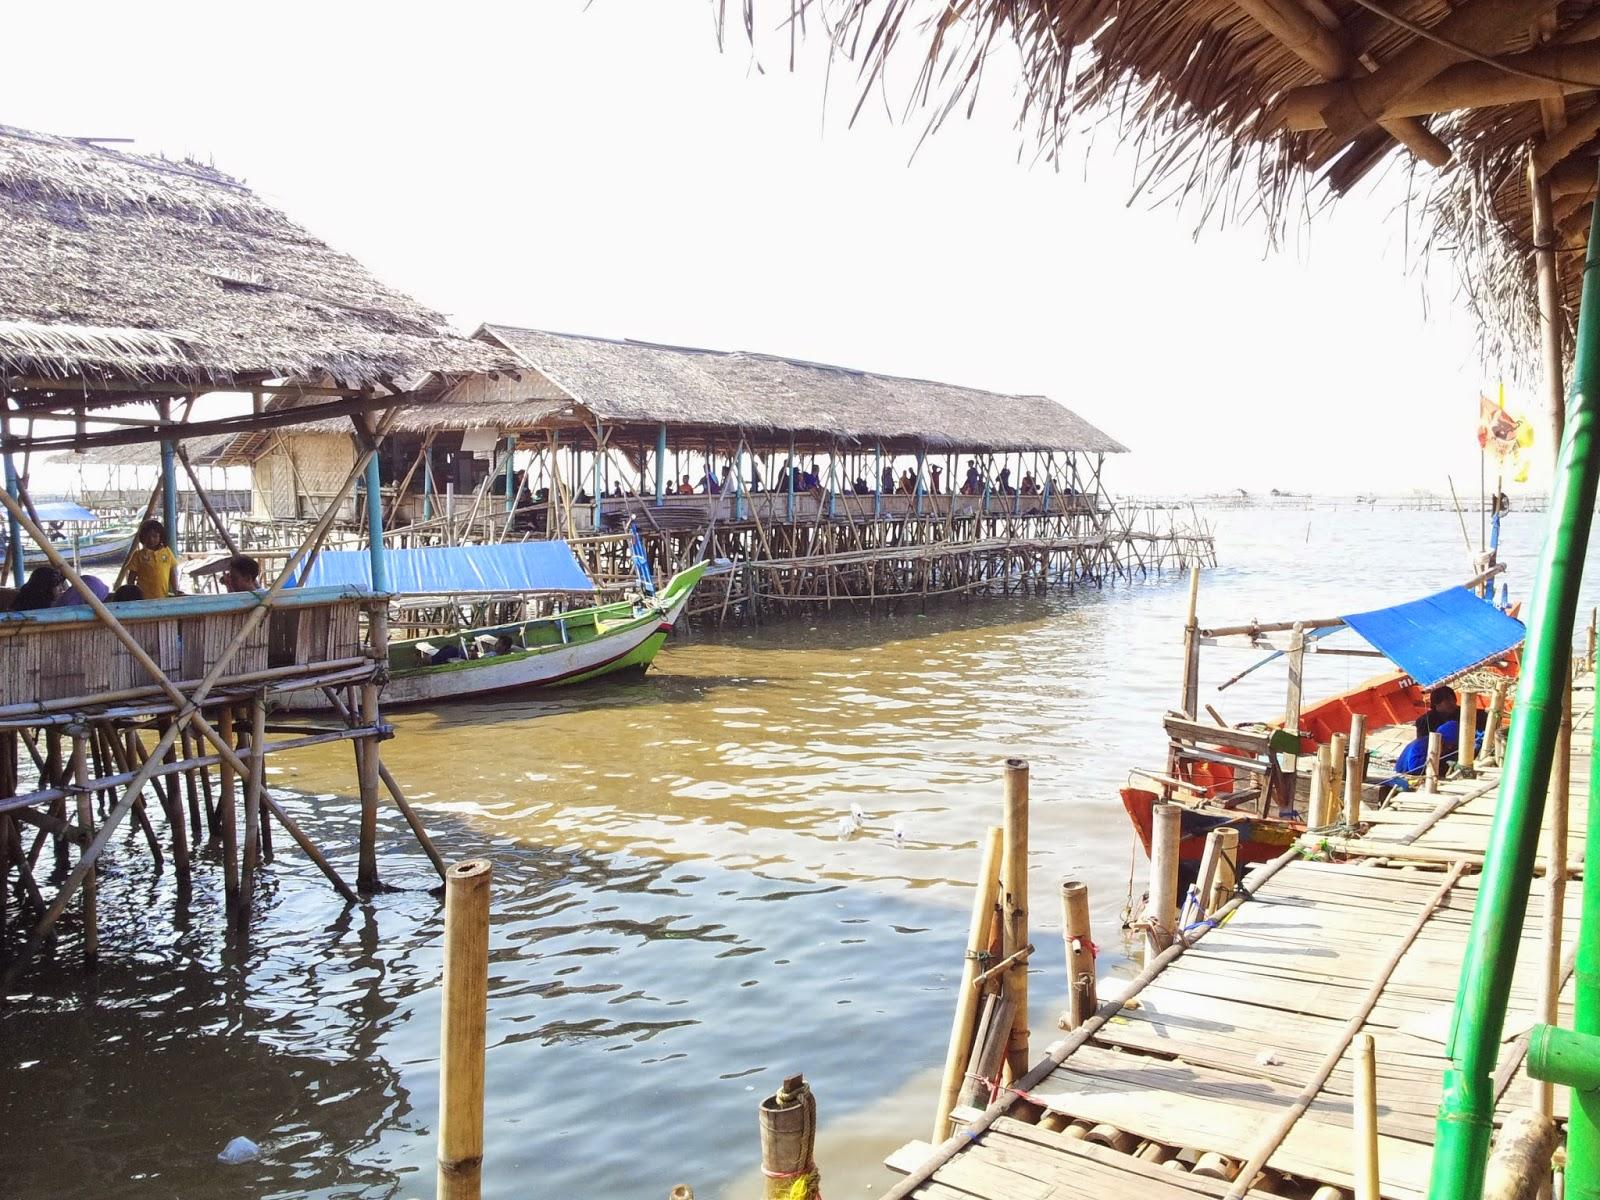 47 Tempat Wisata Tangerang Banten Tempatwisataunik Panai Tanjung Kait Pantai